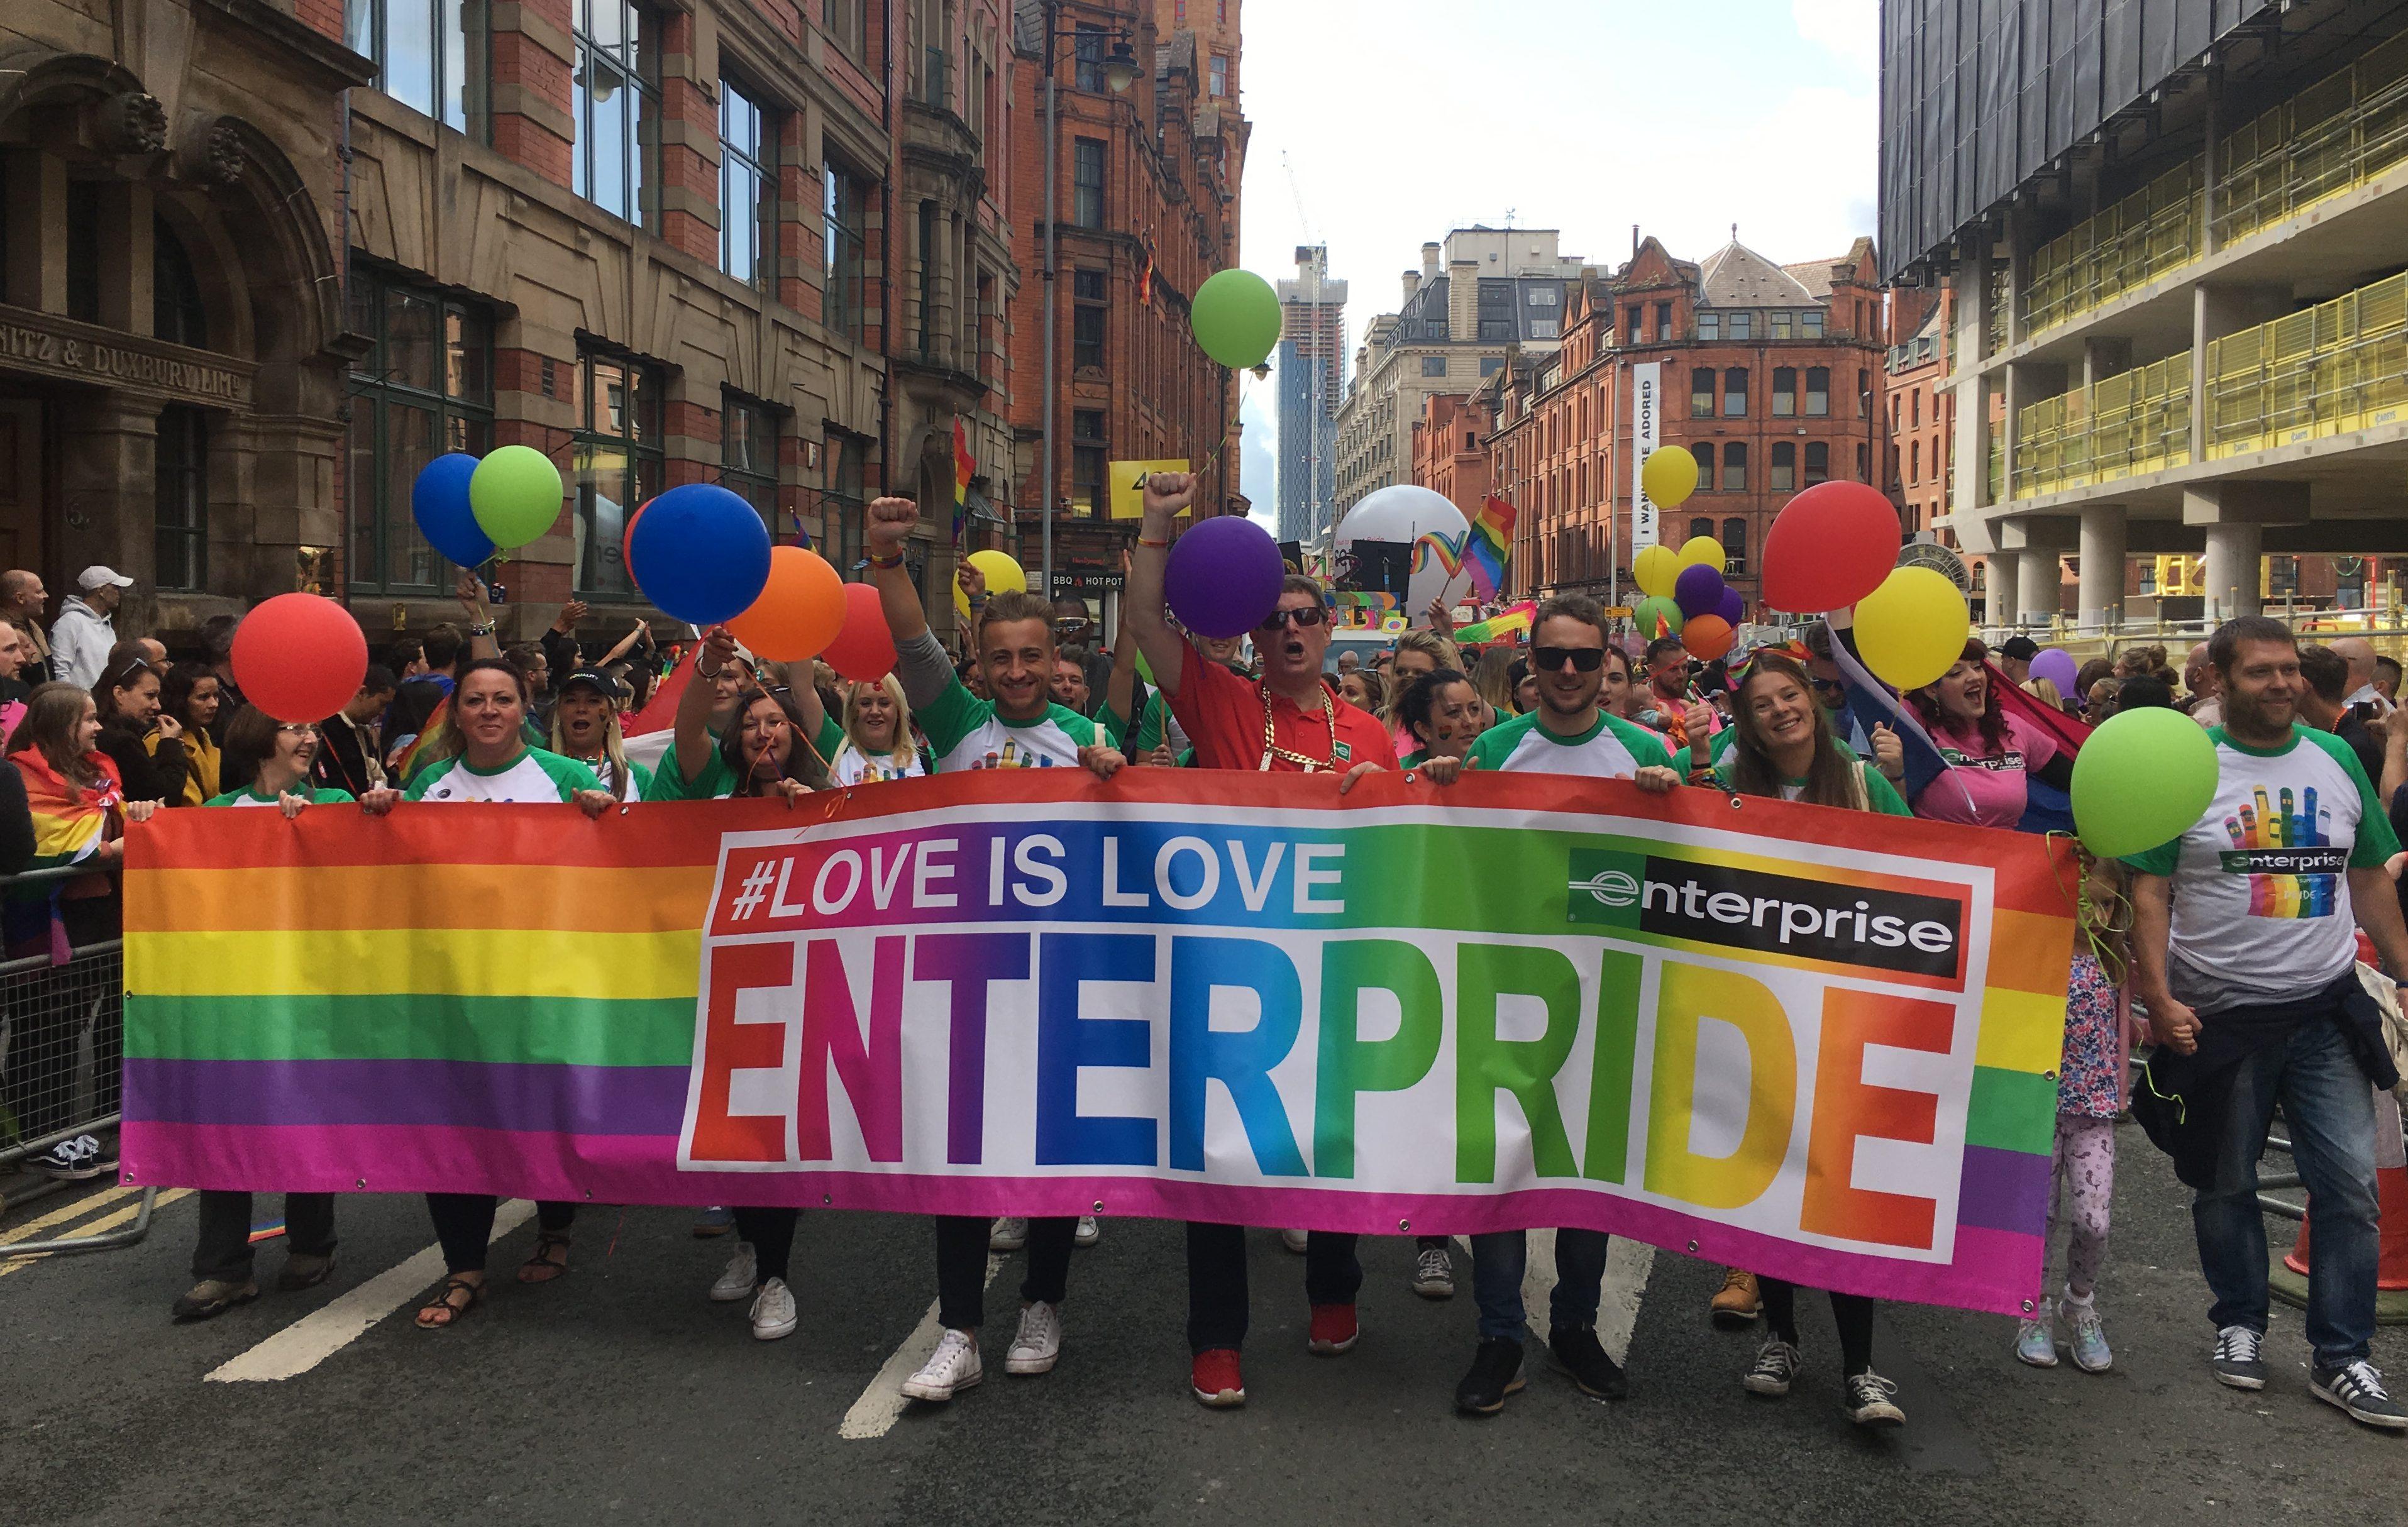 Wie LGBT-Mitarbeiter bei Enterprise Karriere machen